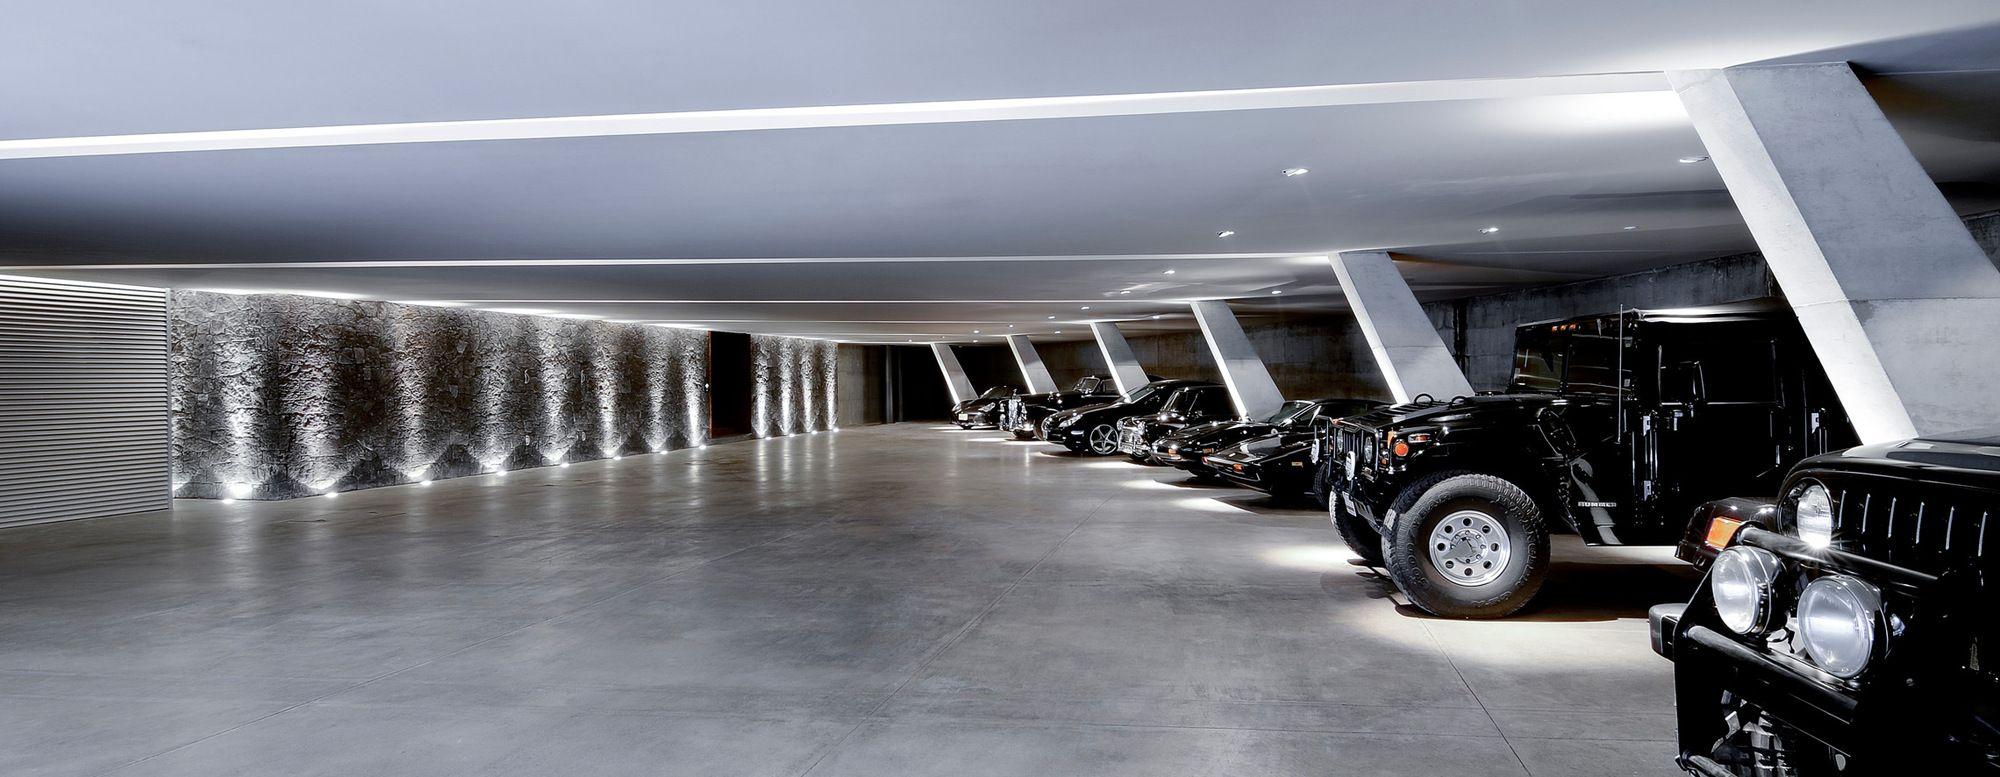 casa jrb reims arquitectura car garage garage design and house casa jrb reims arquitectura